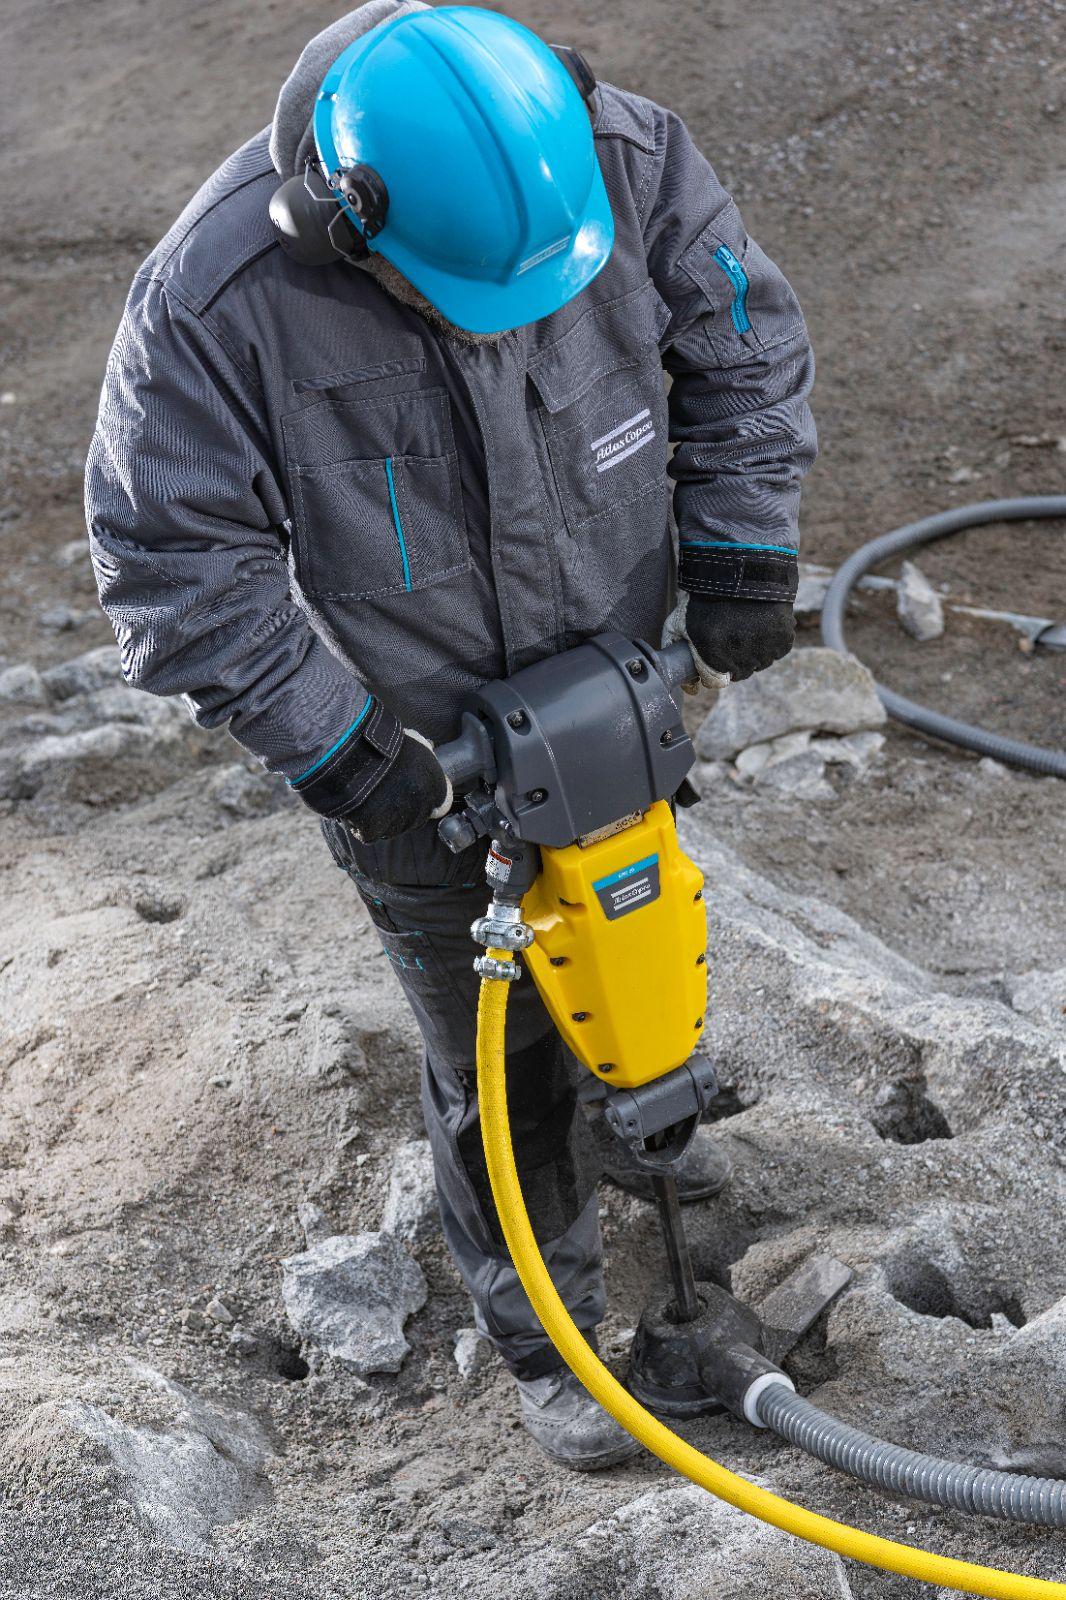 SRD 25 rock drill